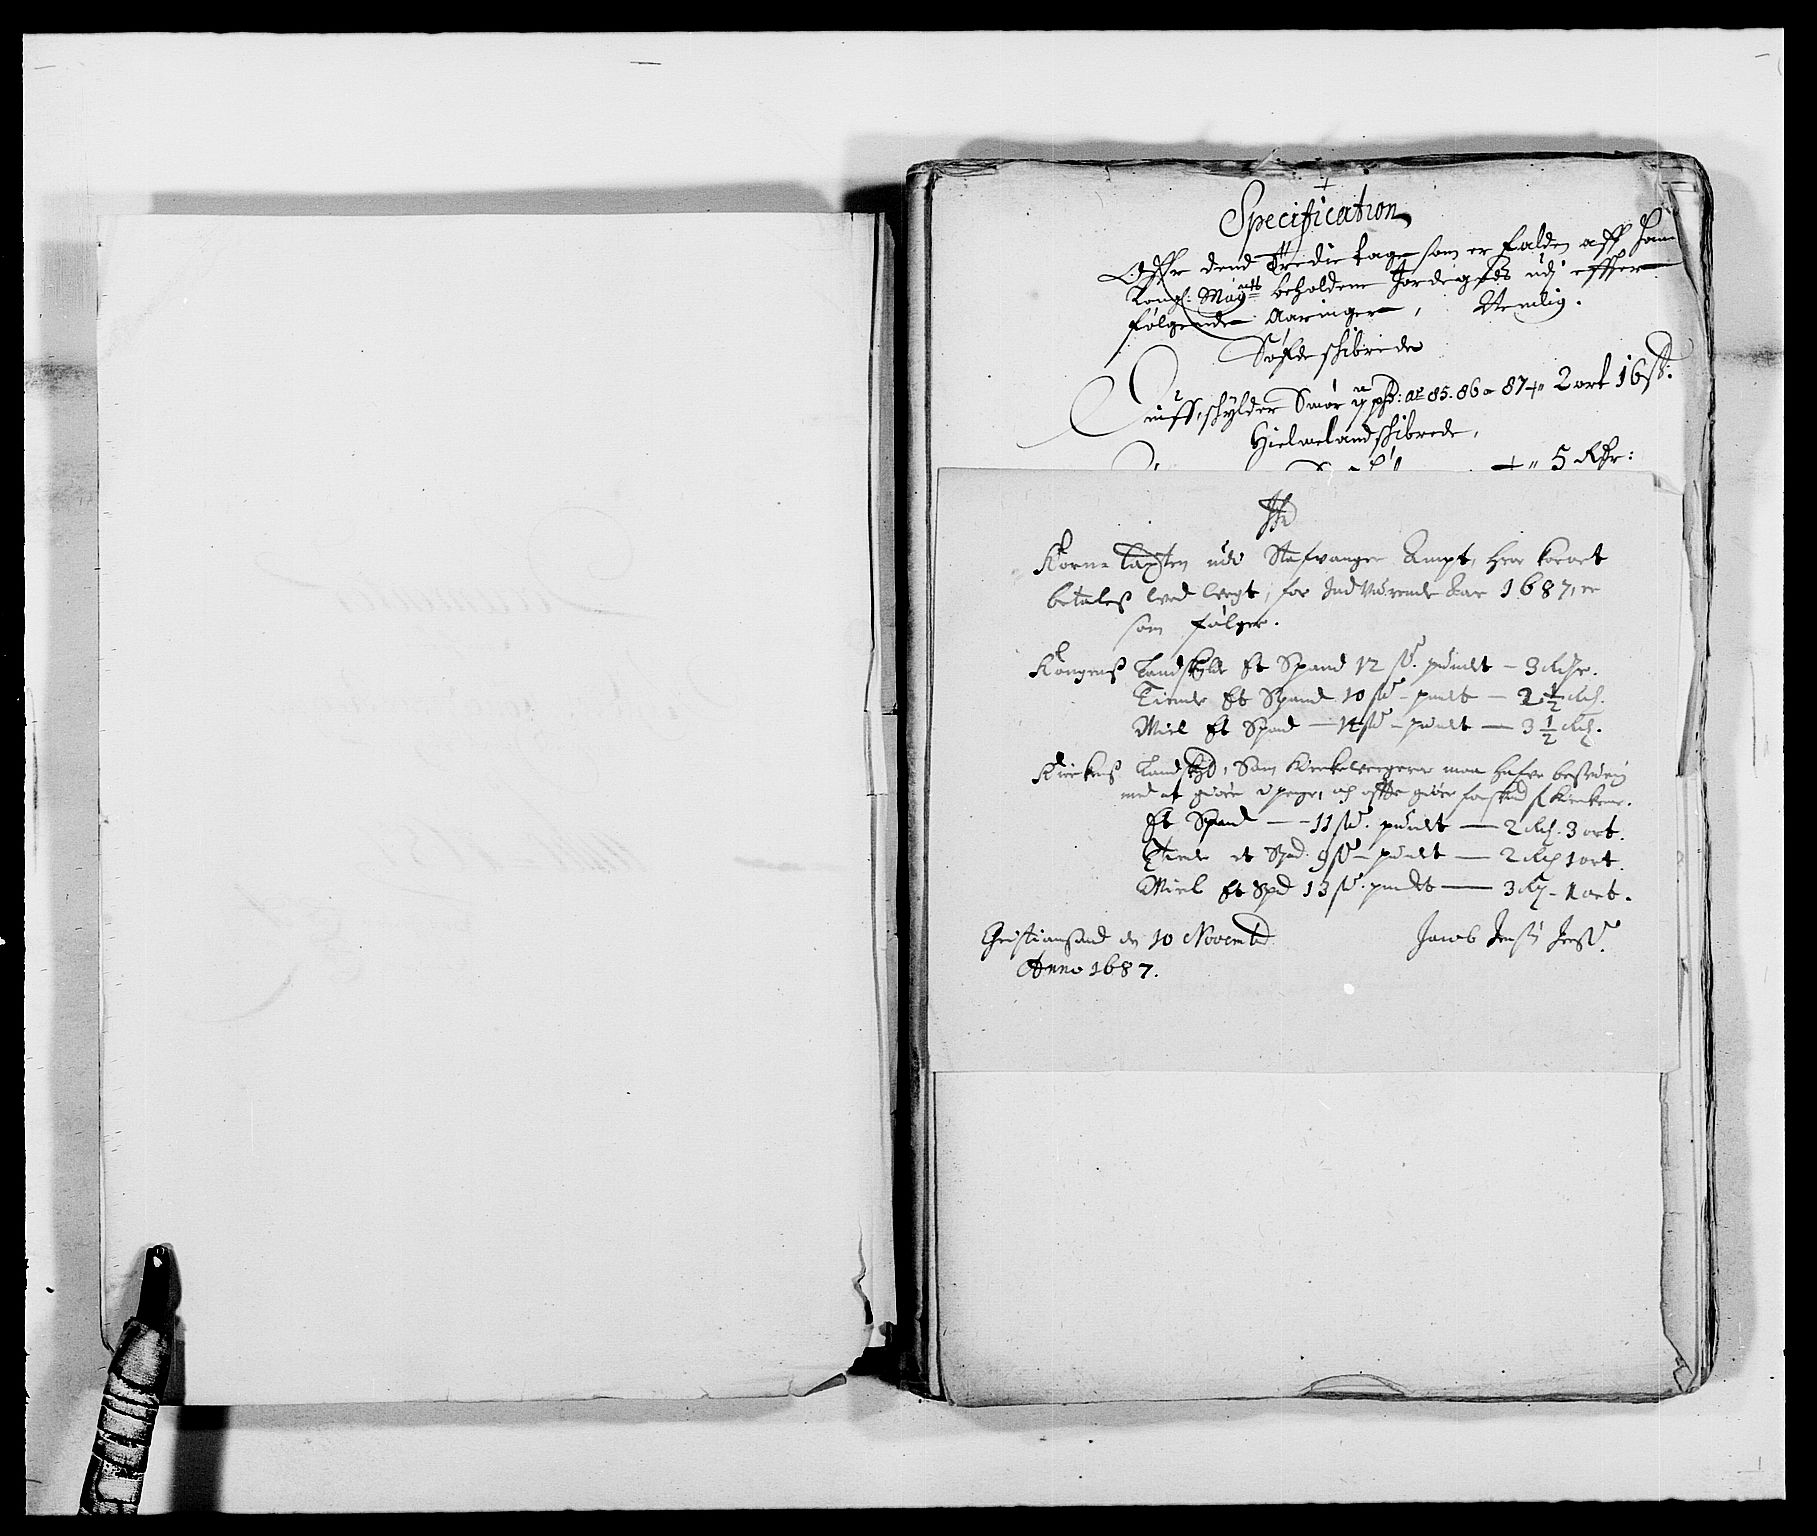 RA, Rentekammeret inntil 1814, Reviderte regnskaper, Fogderegnskap, R47/L2855: Fogderegnskap Ryfylke, 1685-1688, s. 235